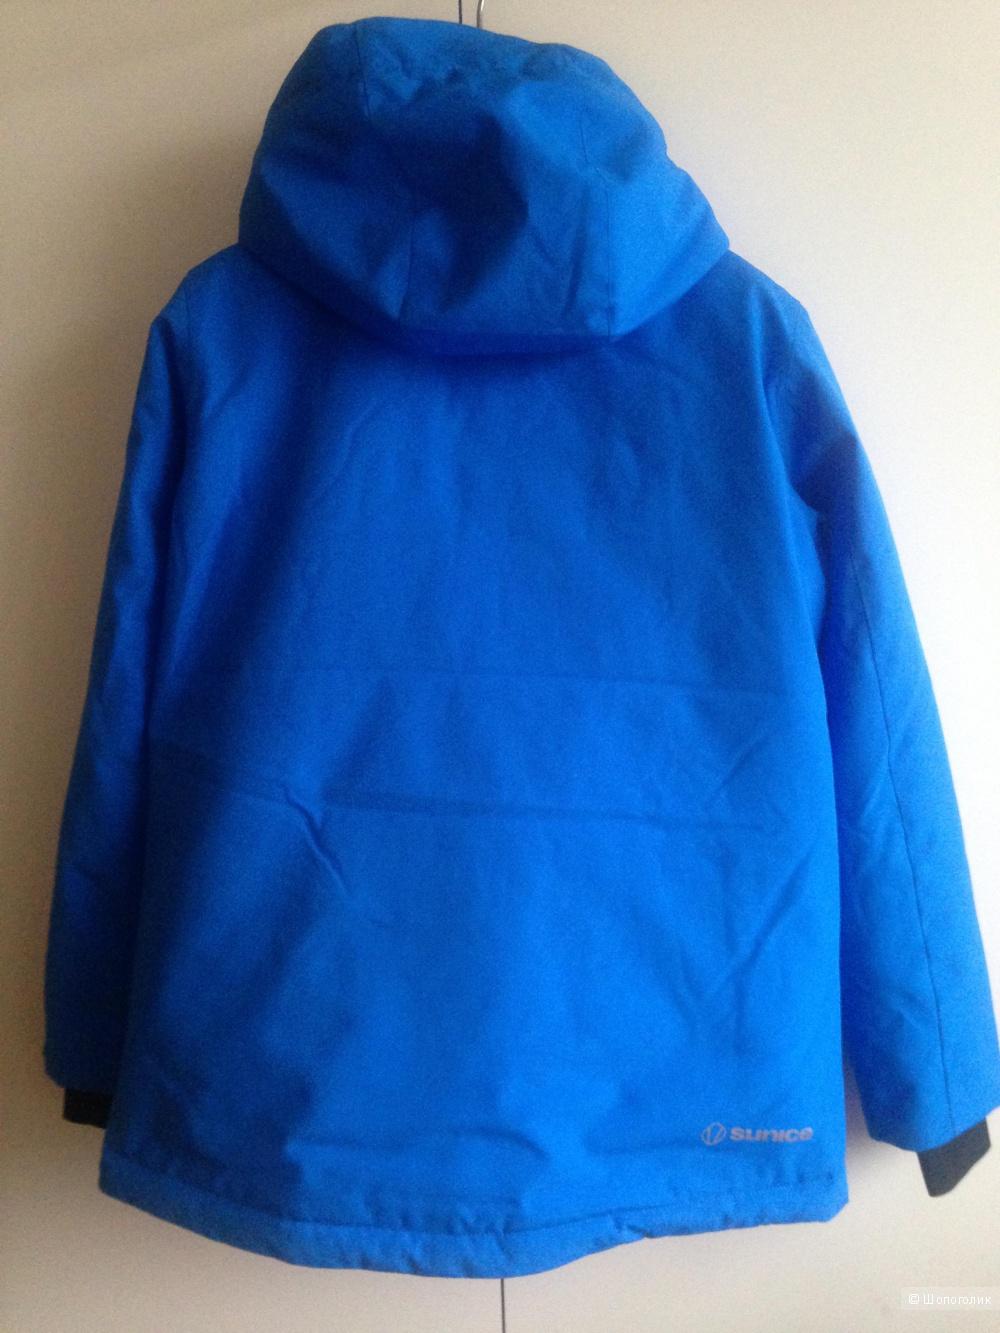 Зимняя мембранная куртка Sunice для мальчика, рост 164